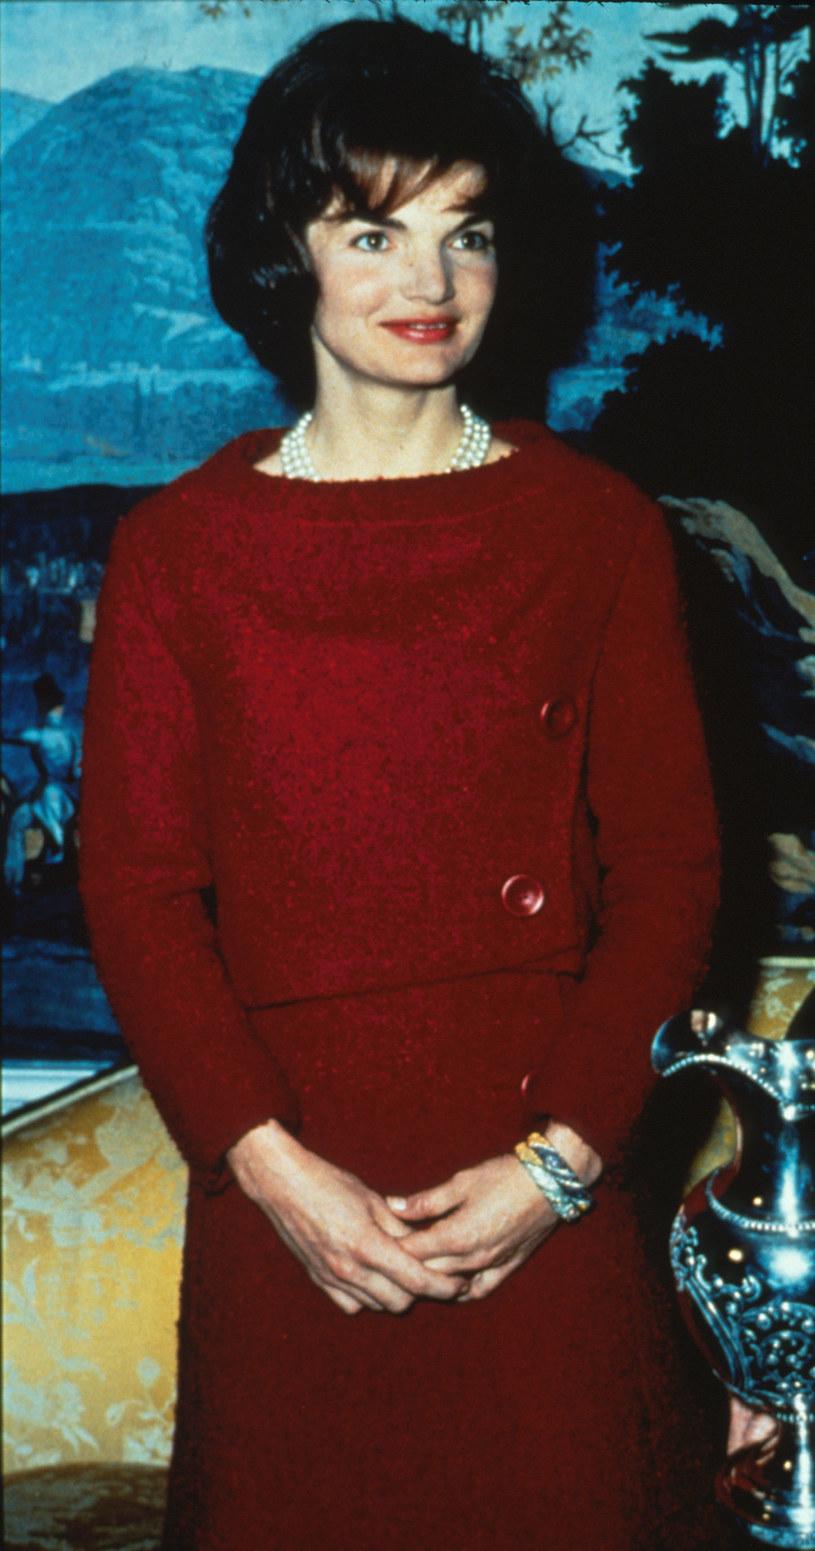 """Była kochającą żoną i perfekcyjną Pierwszą Damą. Wykreowała obraz idealnej rodziny, choć jej małżeństwo nie było doskonałe. Później konsekwentnie unikała życia w świetle fleszy. Nie napisała wspomnień, a w testamencie zastrzegła, by nigdy nie publikowano jej prywatnych listów. Życie Jacqueline Kennedy Onassis wciąż budzi emocje. 3 stycznia na ekrany polskich kin trafi biograficzny film """"Jackie"""" z tytułową rolą Natalie Portman."""